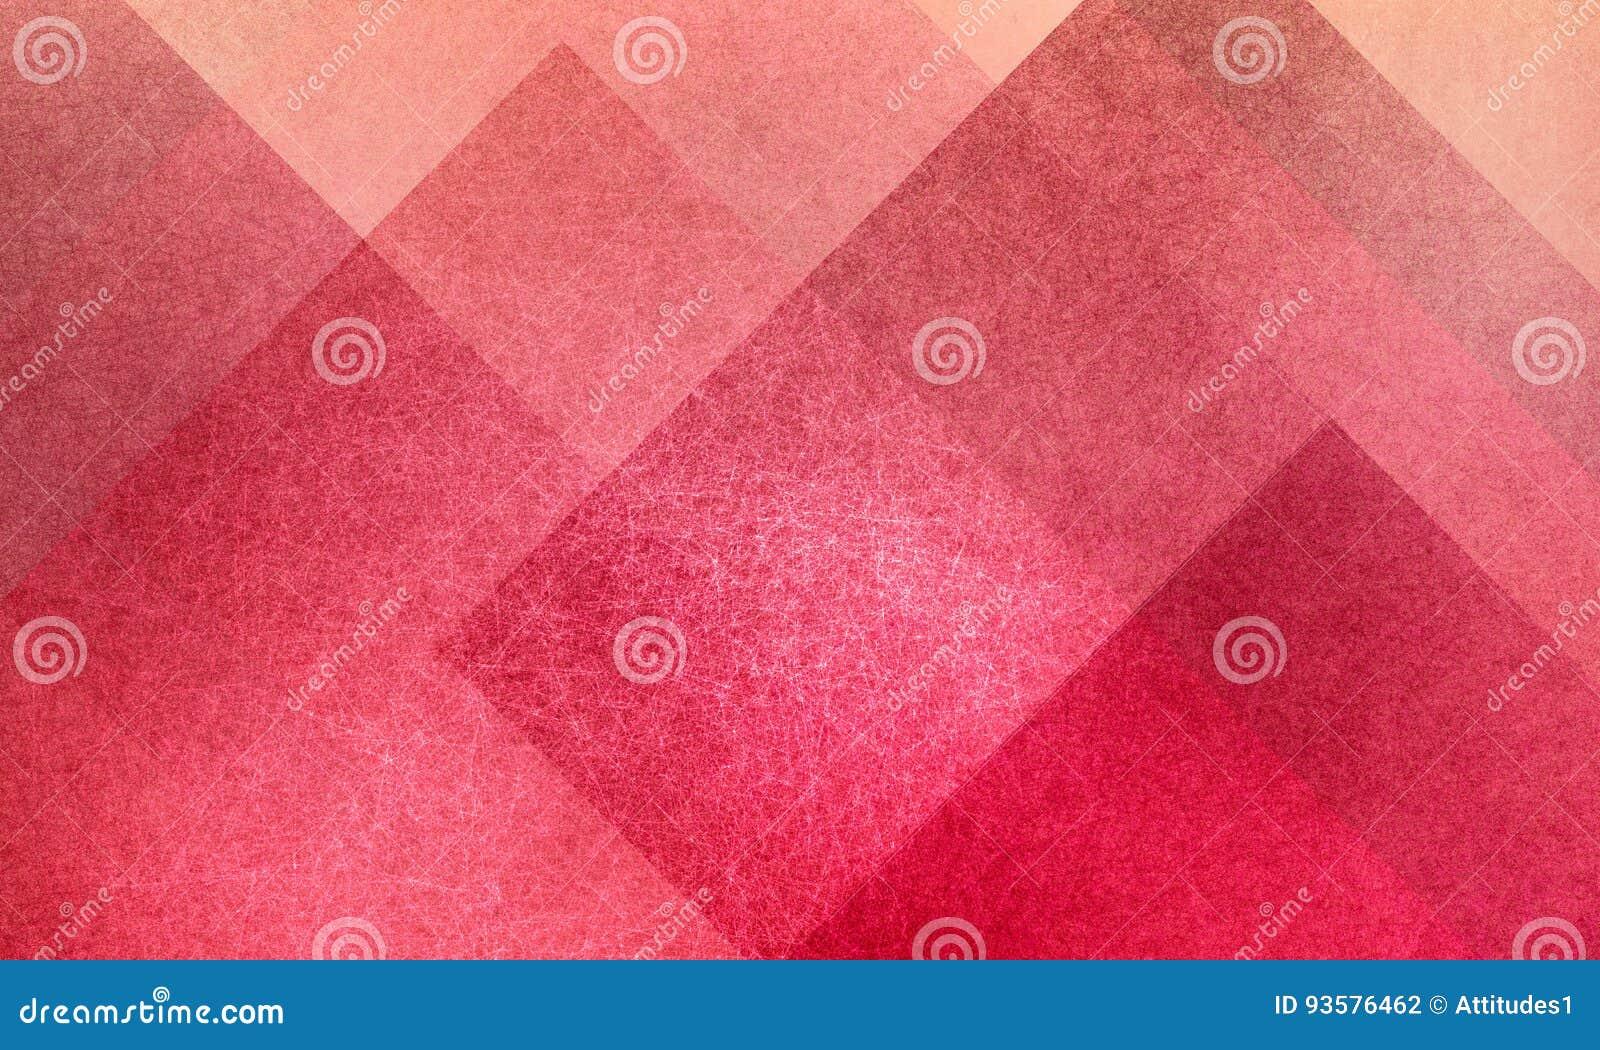 O teste padrão abstrato geométrico do fundo do rosa e do pêssego projeta com diamante e obstrui os quadrados mergulhados com text